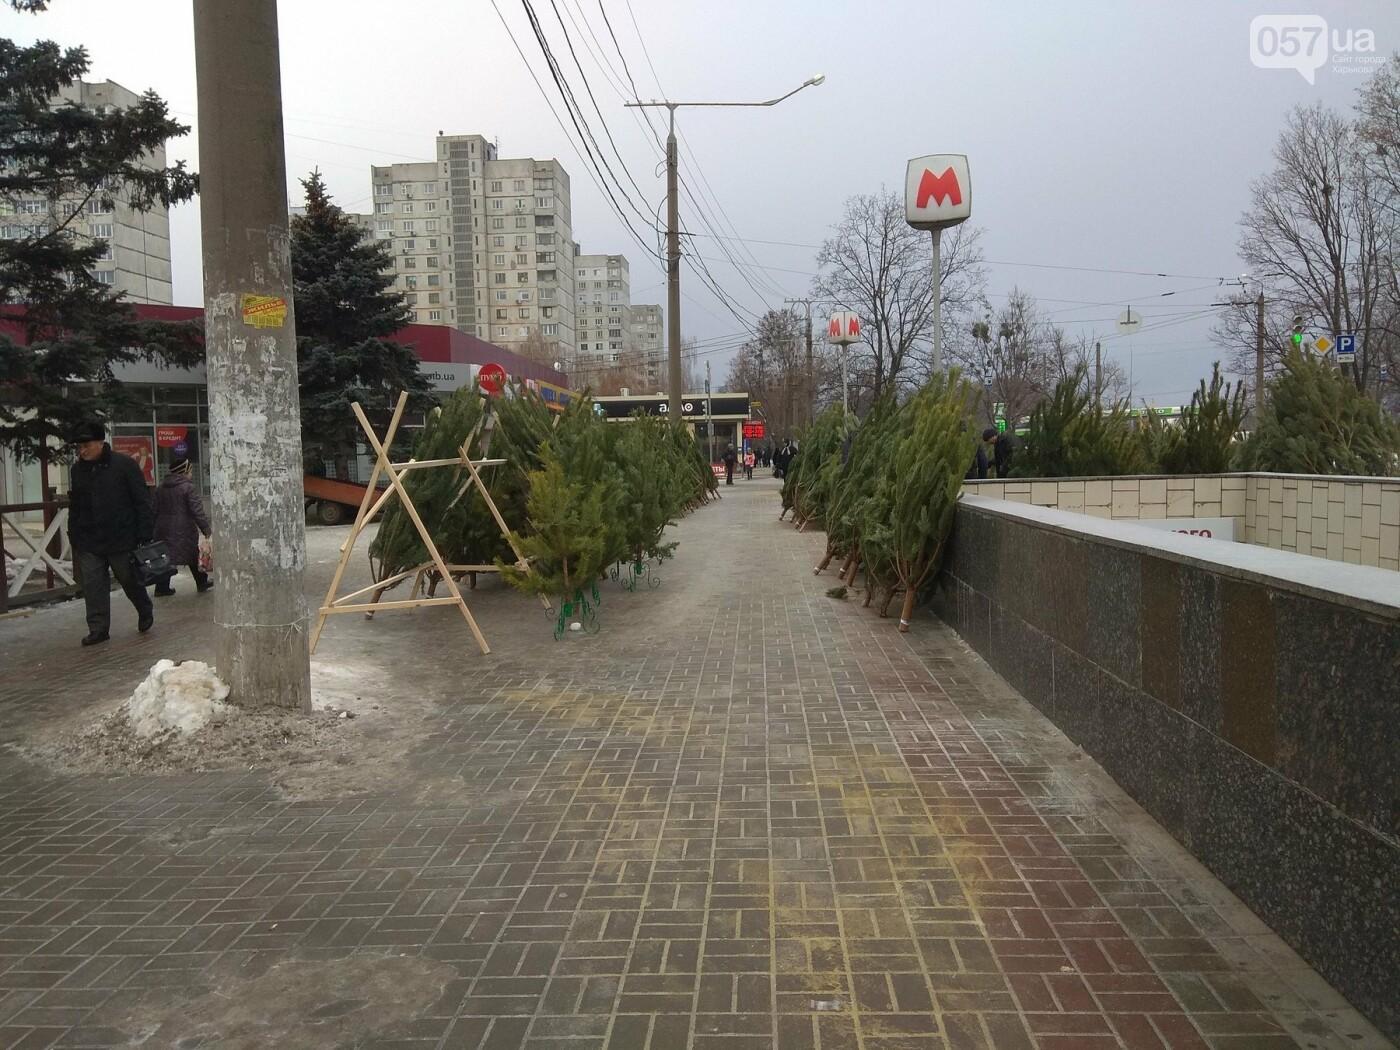 Новогодние елки в Харькове. Где и за сколько можно купить, - ФОТО, фото-9